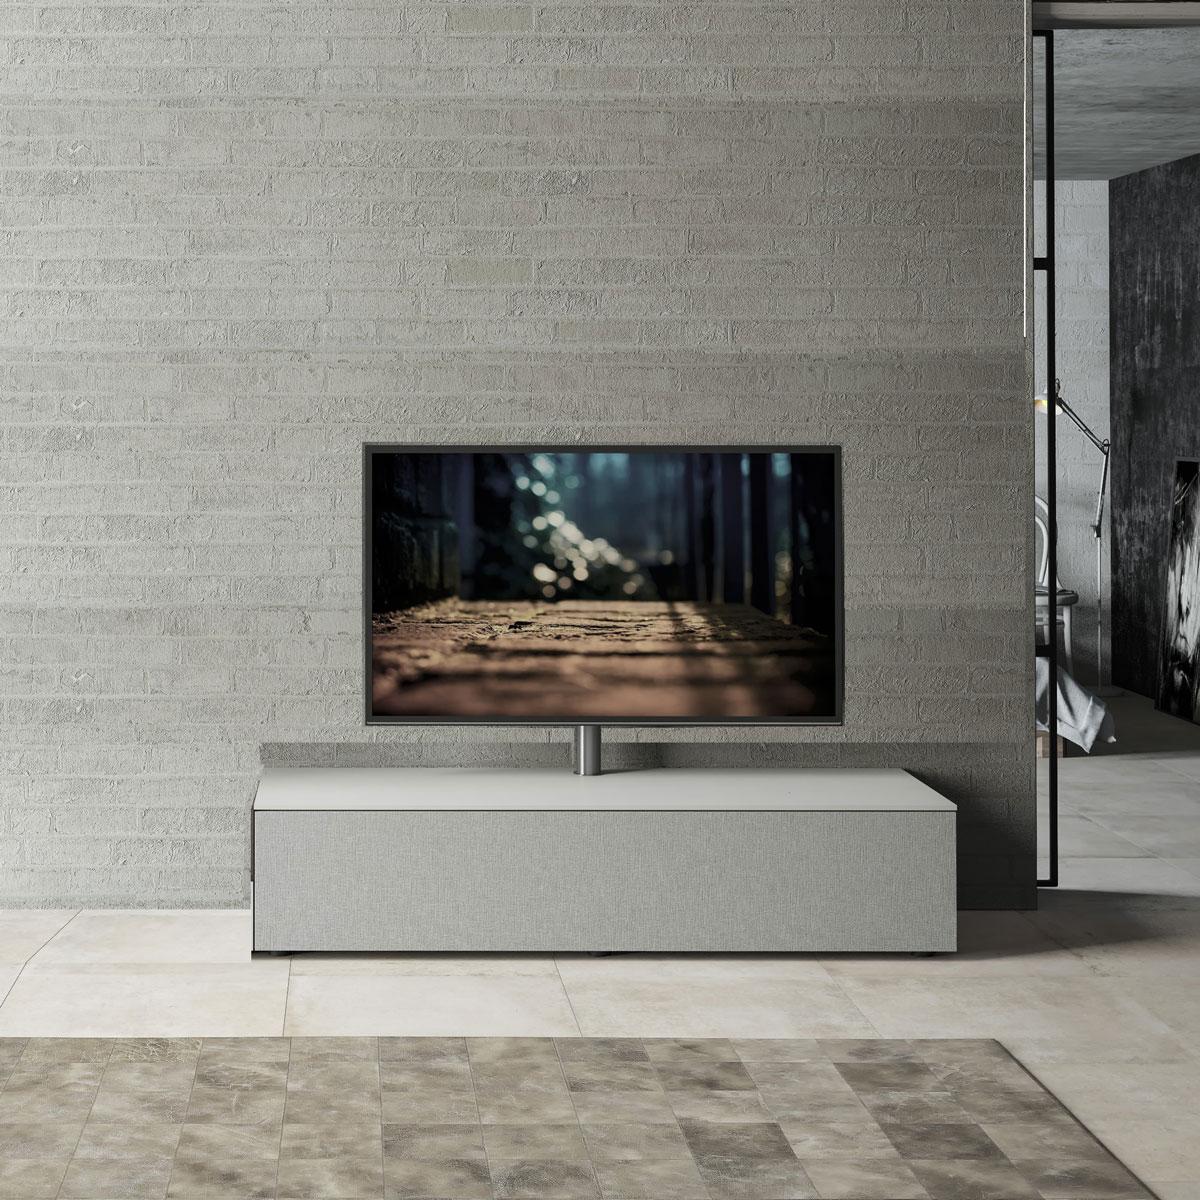 Ein modulares TV Lowboard. Verschiedene Ausführungen. Das Möbel wird nach ihren Bedürfnisse gefertigt. Serie Next von Spectral.